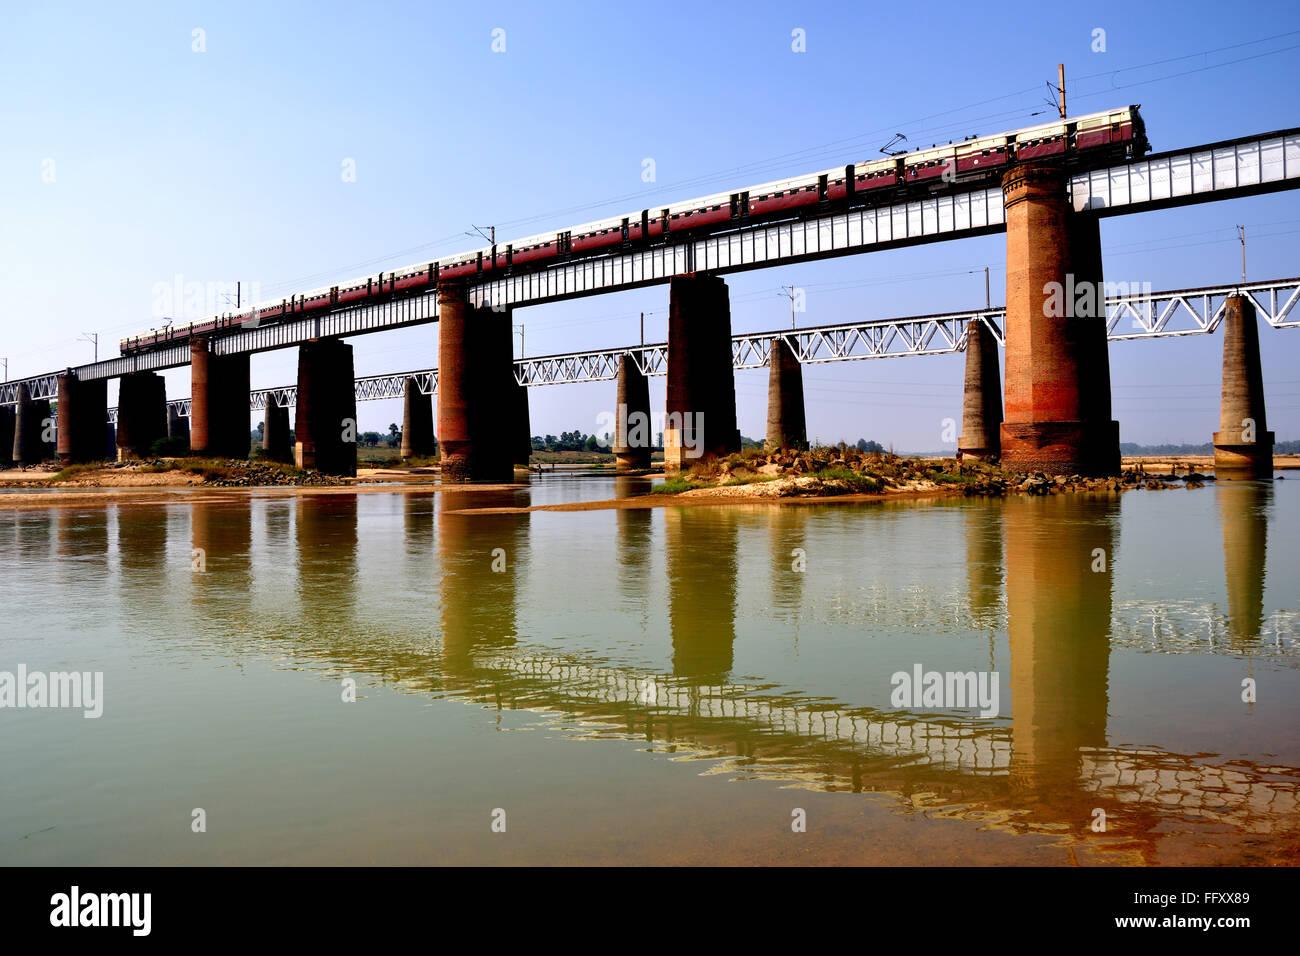 Muster der Eisenbahnbrücke Stockbild